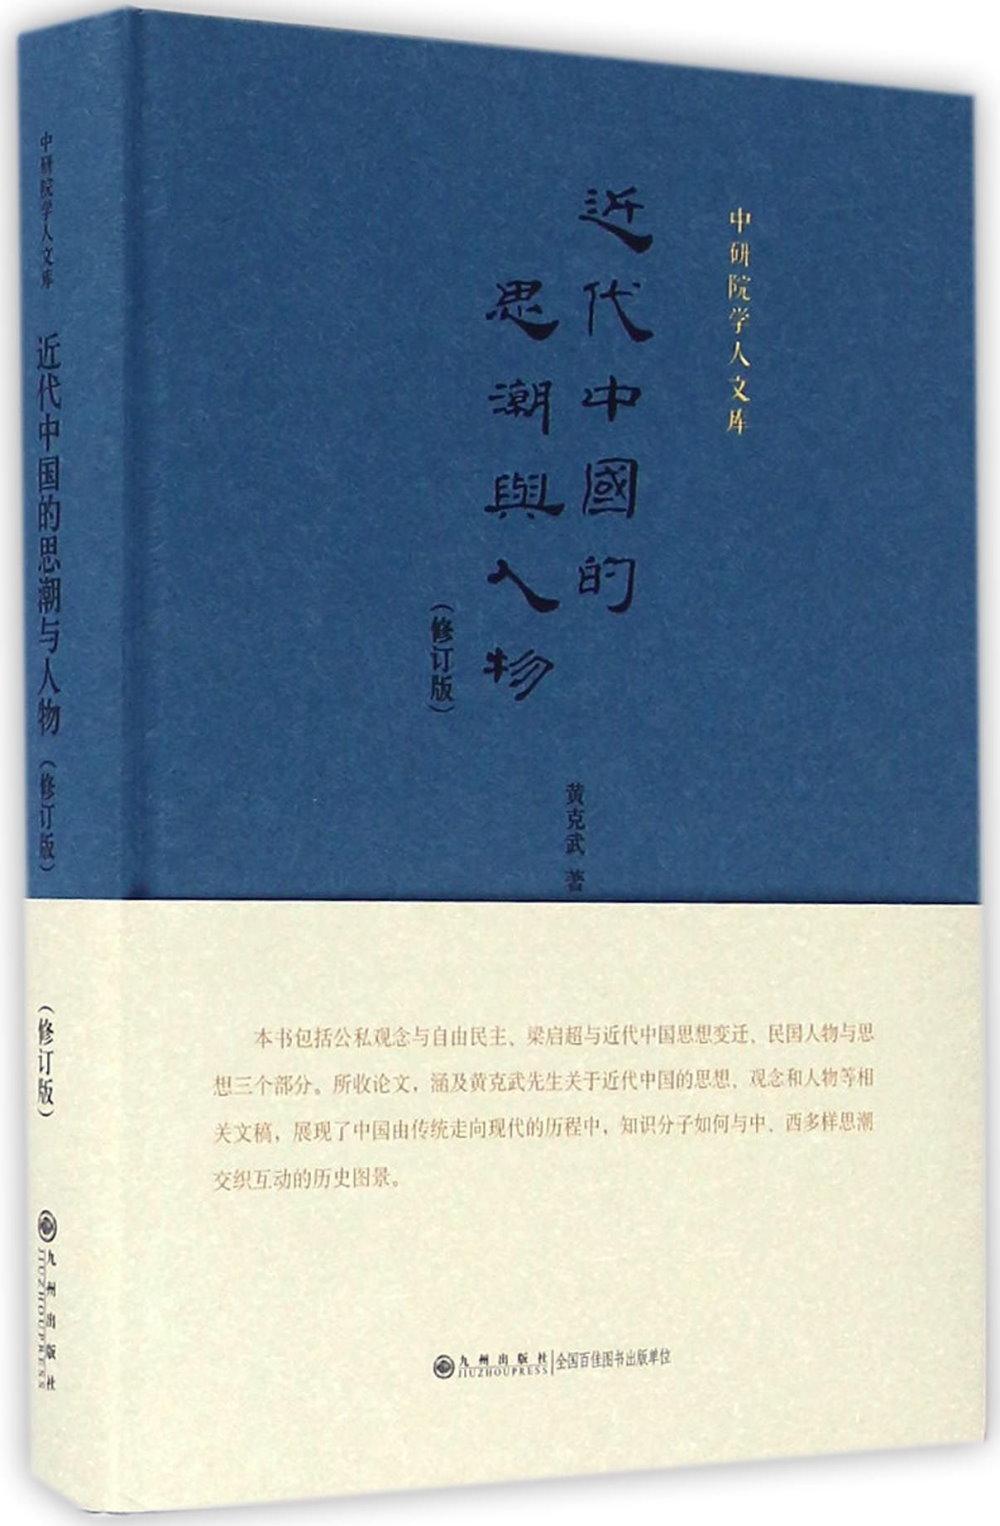 近代中國的思潮與人物(修訂版)